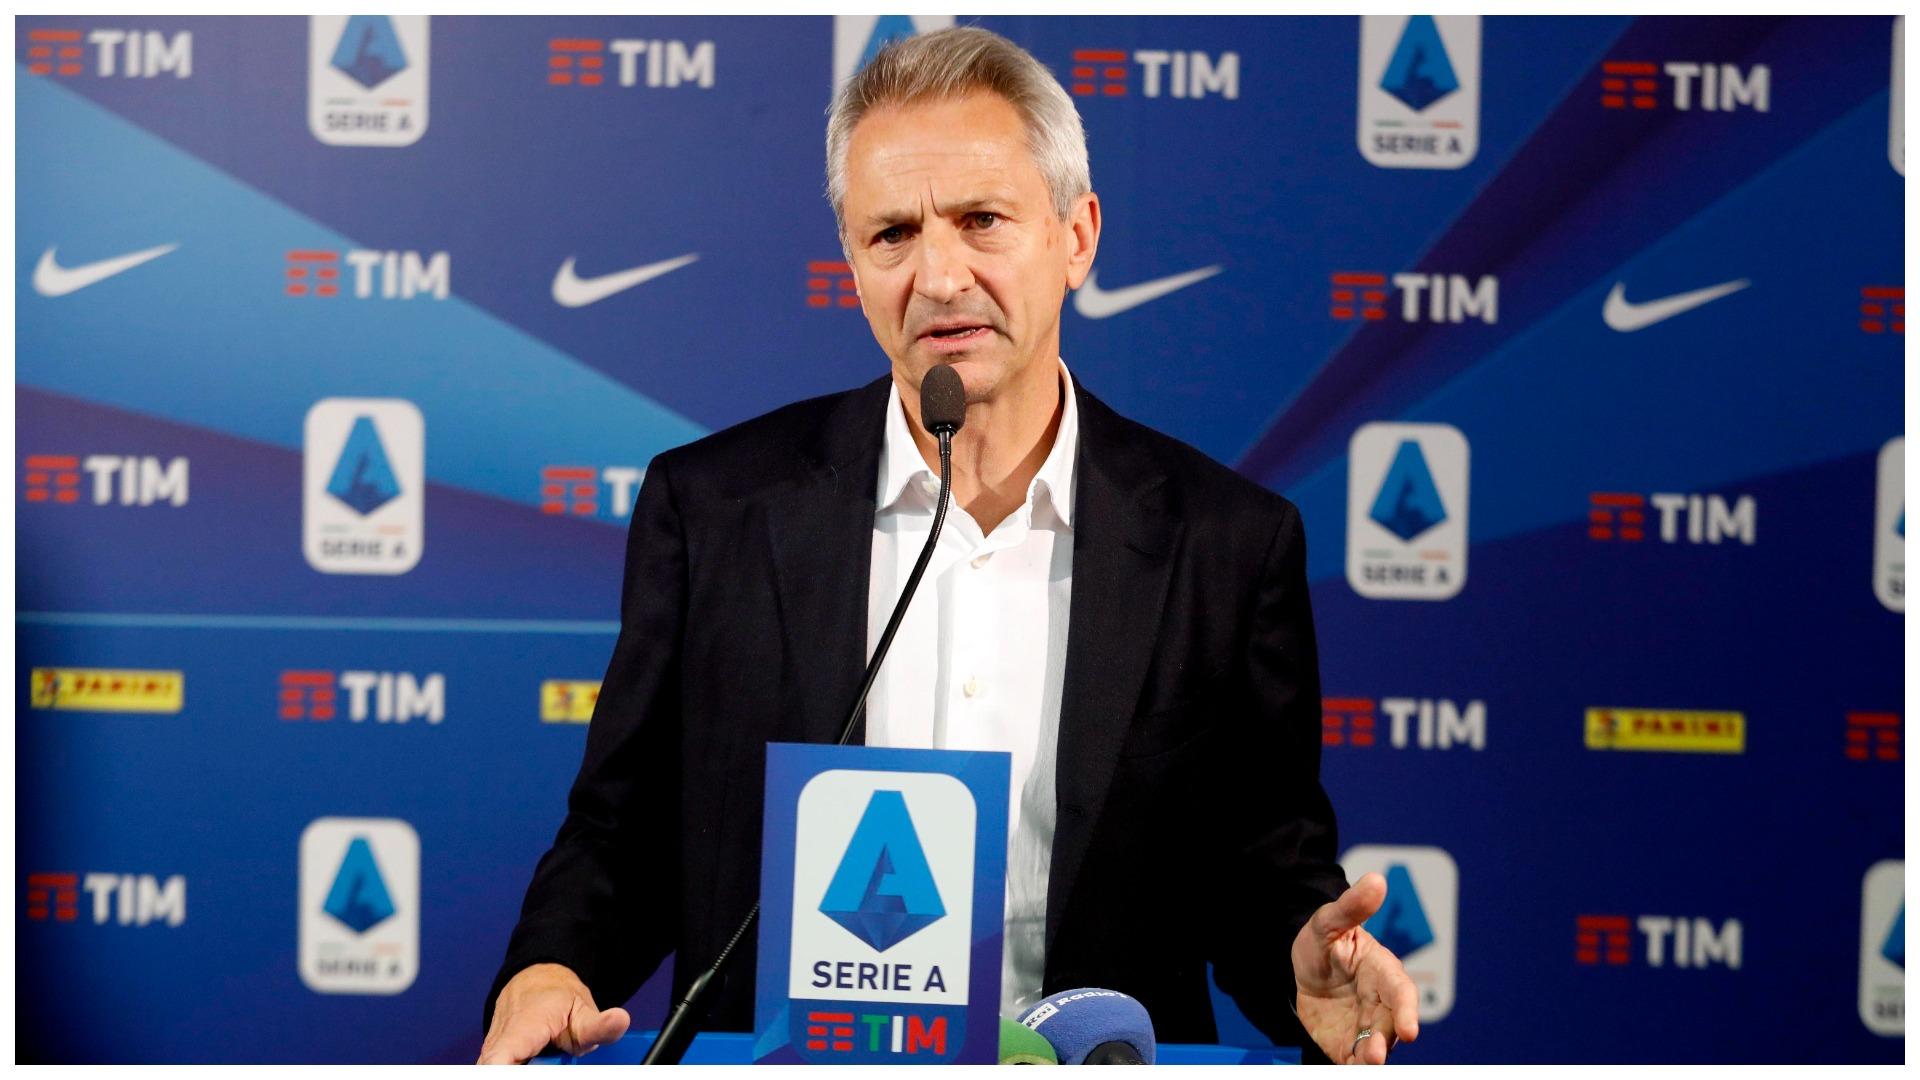 Polemika në Itali, Dal Pino: Stadiumet të hapen plotësisht, vendim absurd